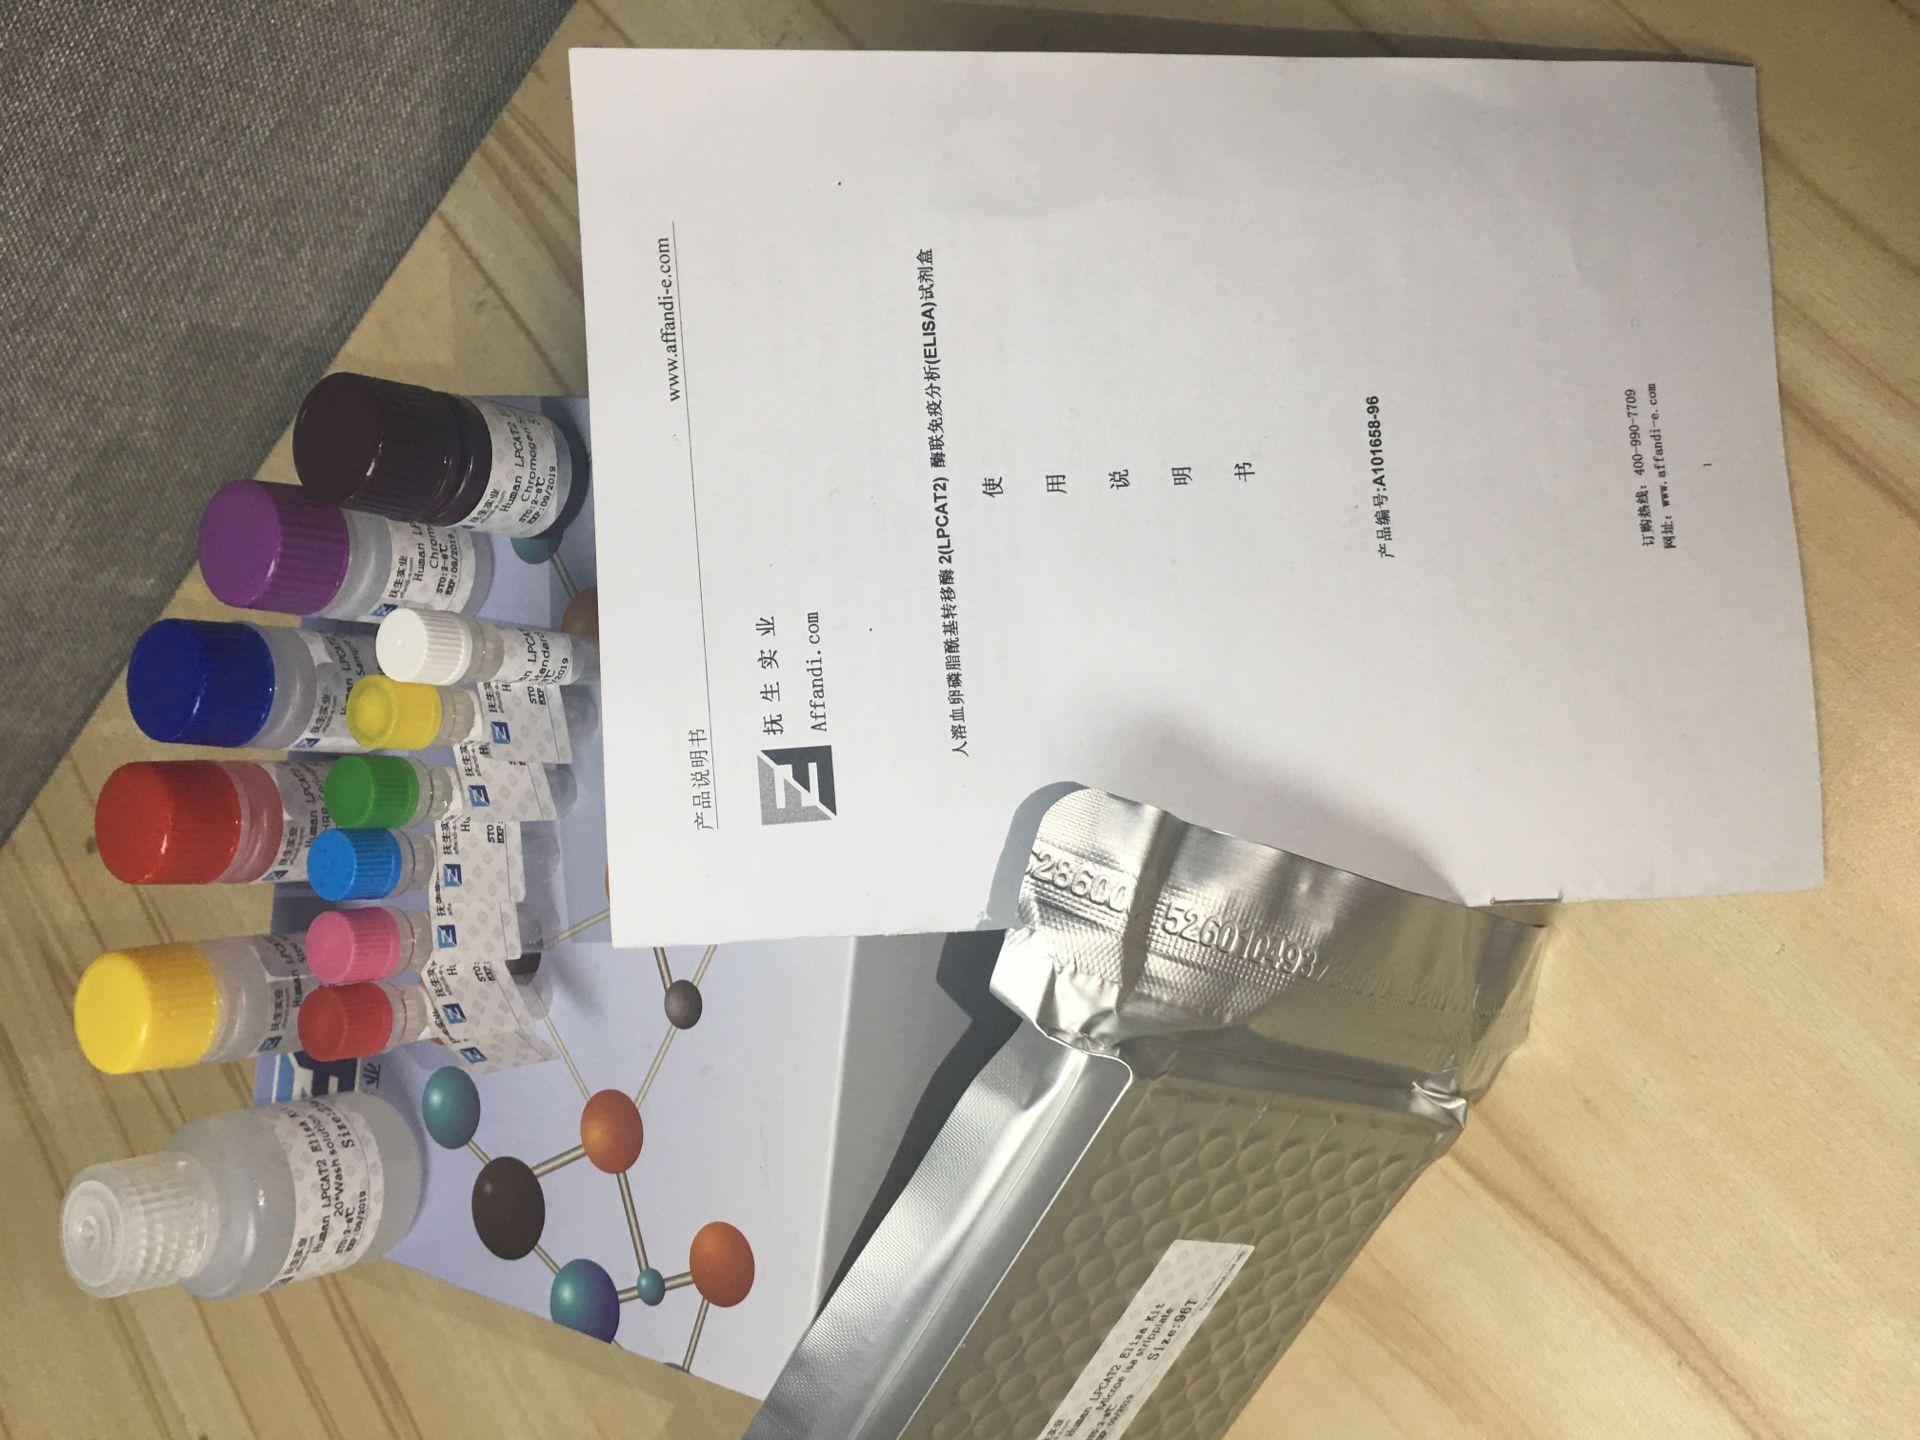 己糖激酶3检测试剂盒